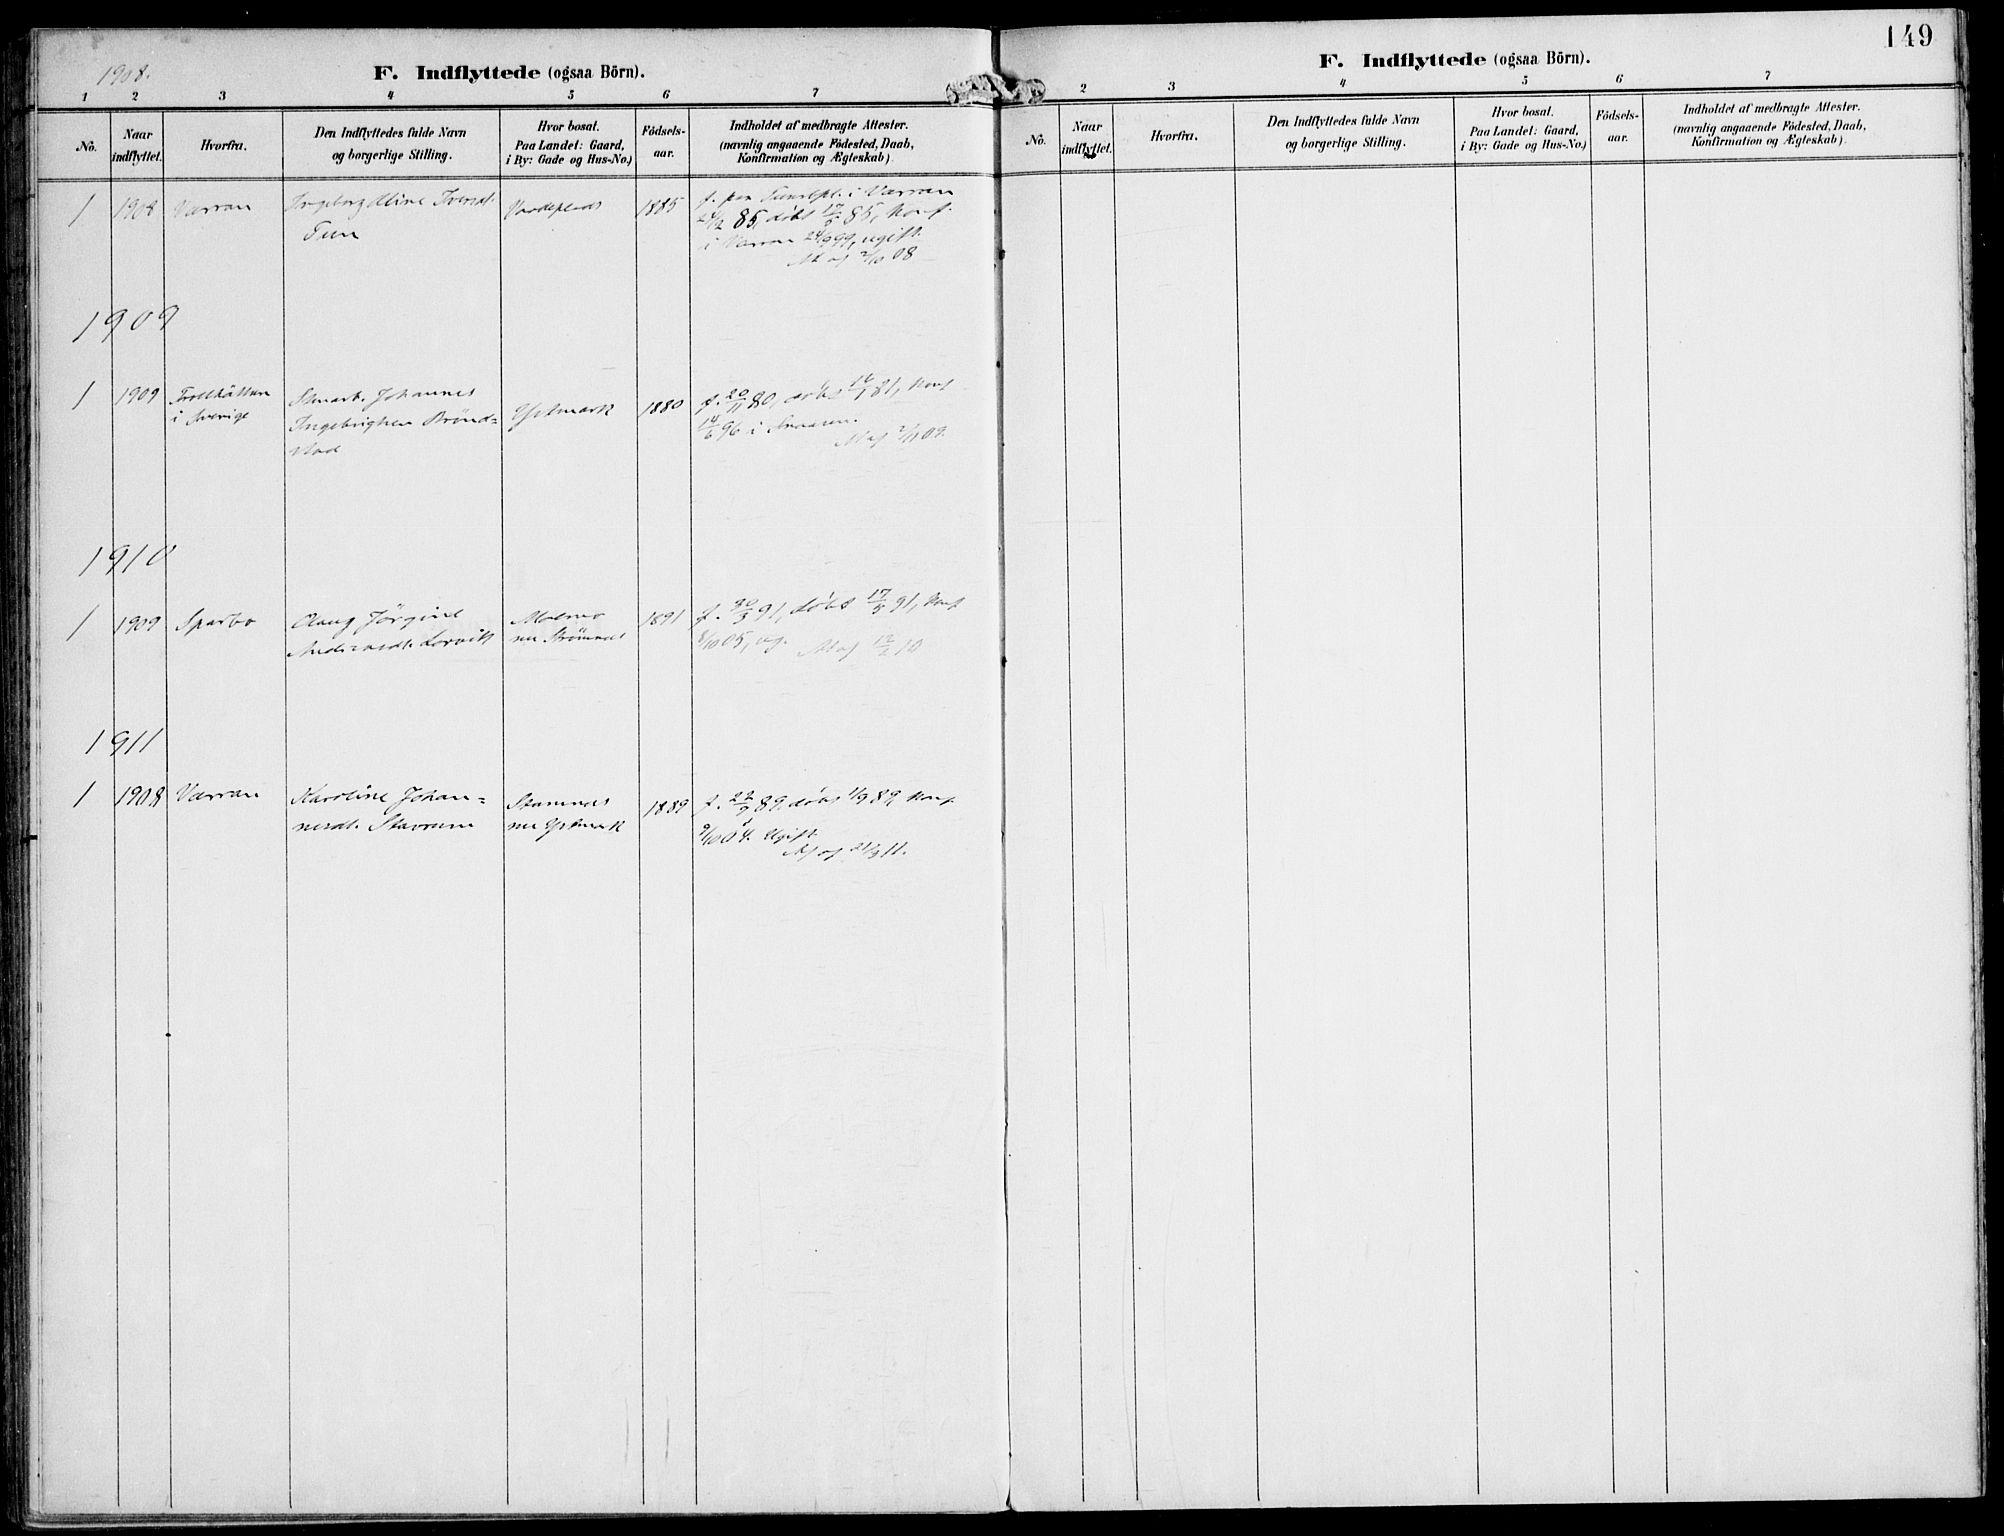 SAT, Ministerialprotokoller, klokkerbøker og fødselsregistre - Nord-Trøndelag, 745/L0430: Ministerialbok nr. 745A02, 1895-1913, s. 149